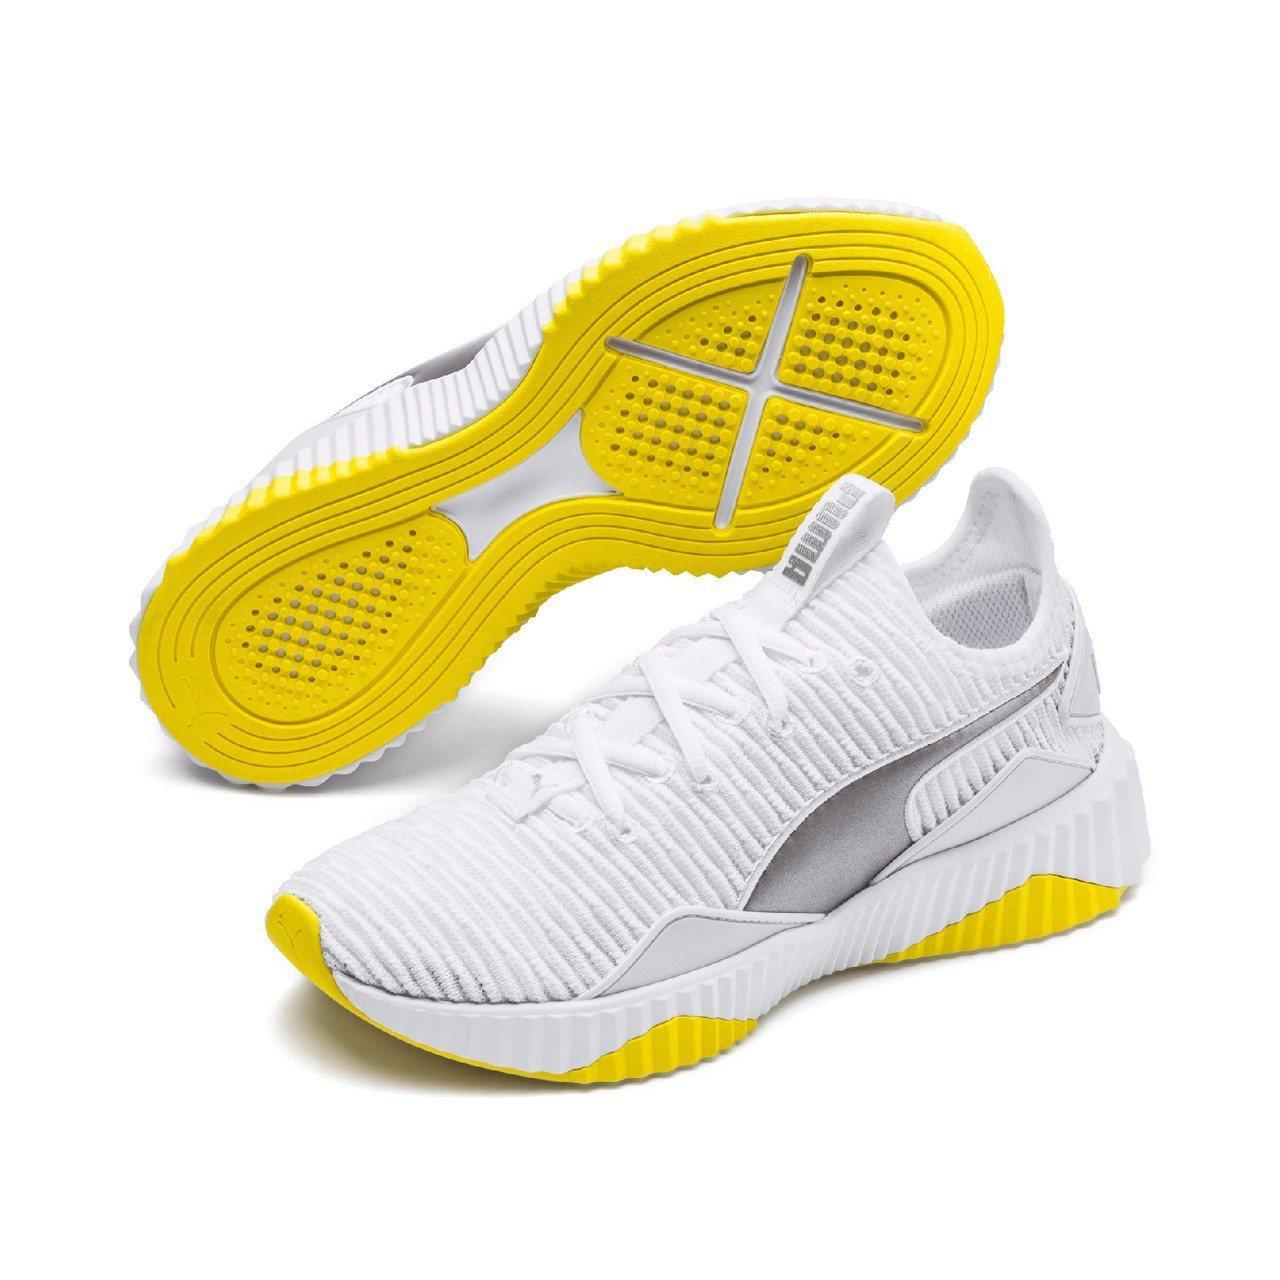 Puma Defy Trailblazer系列鞋3,380元。圖/Puma提供